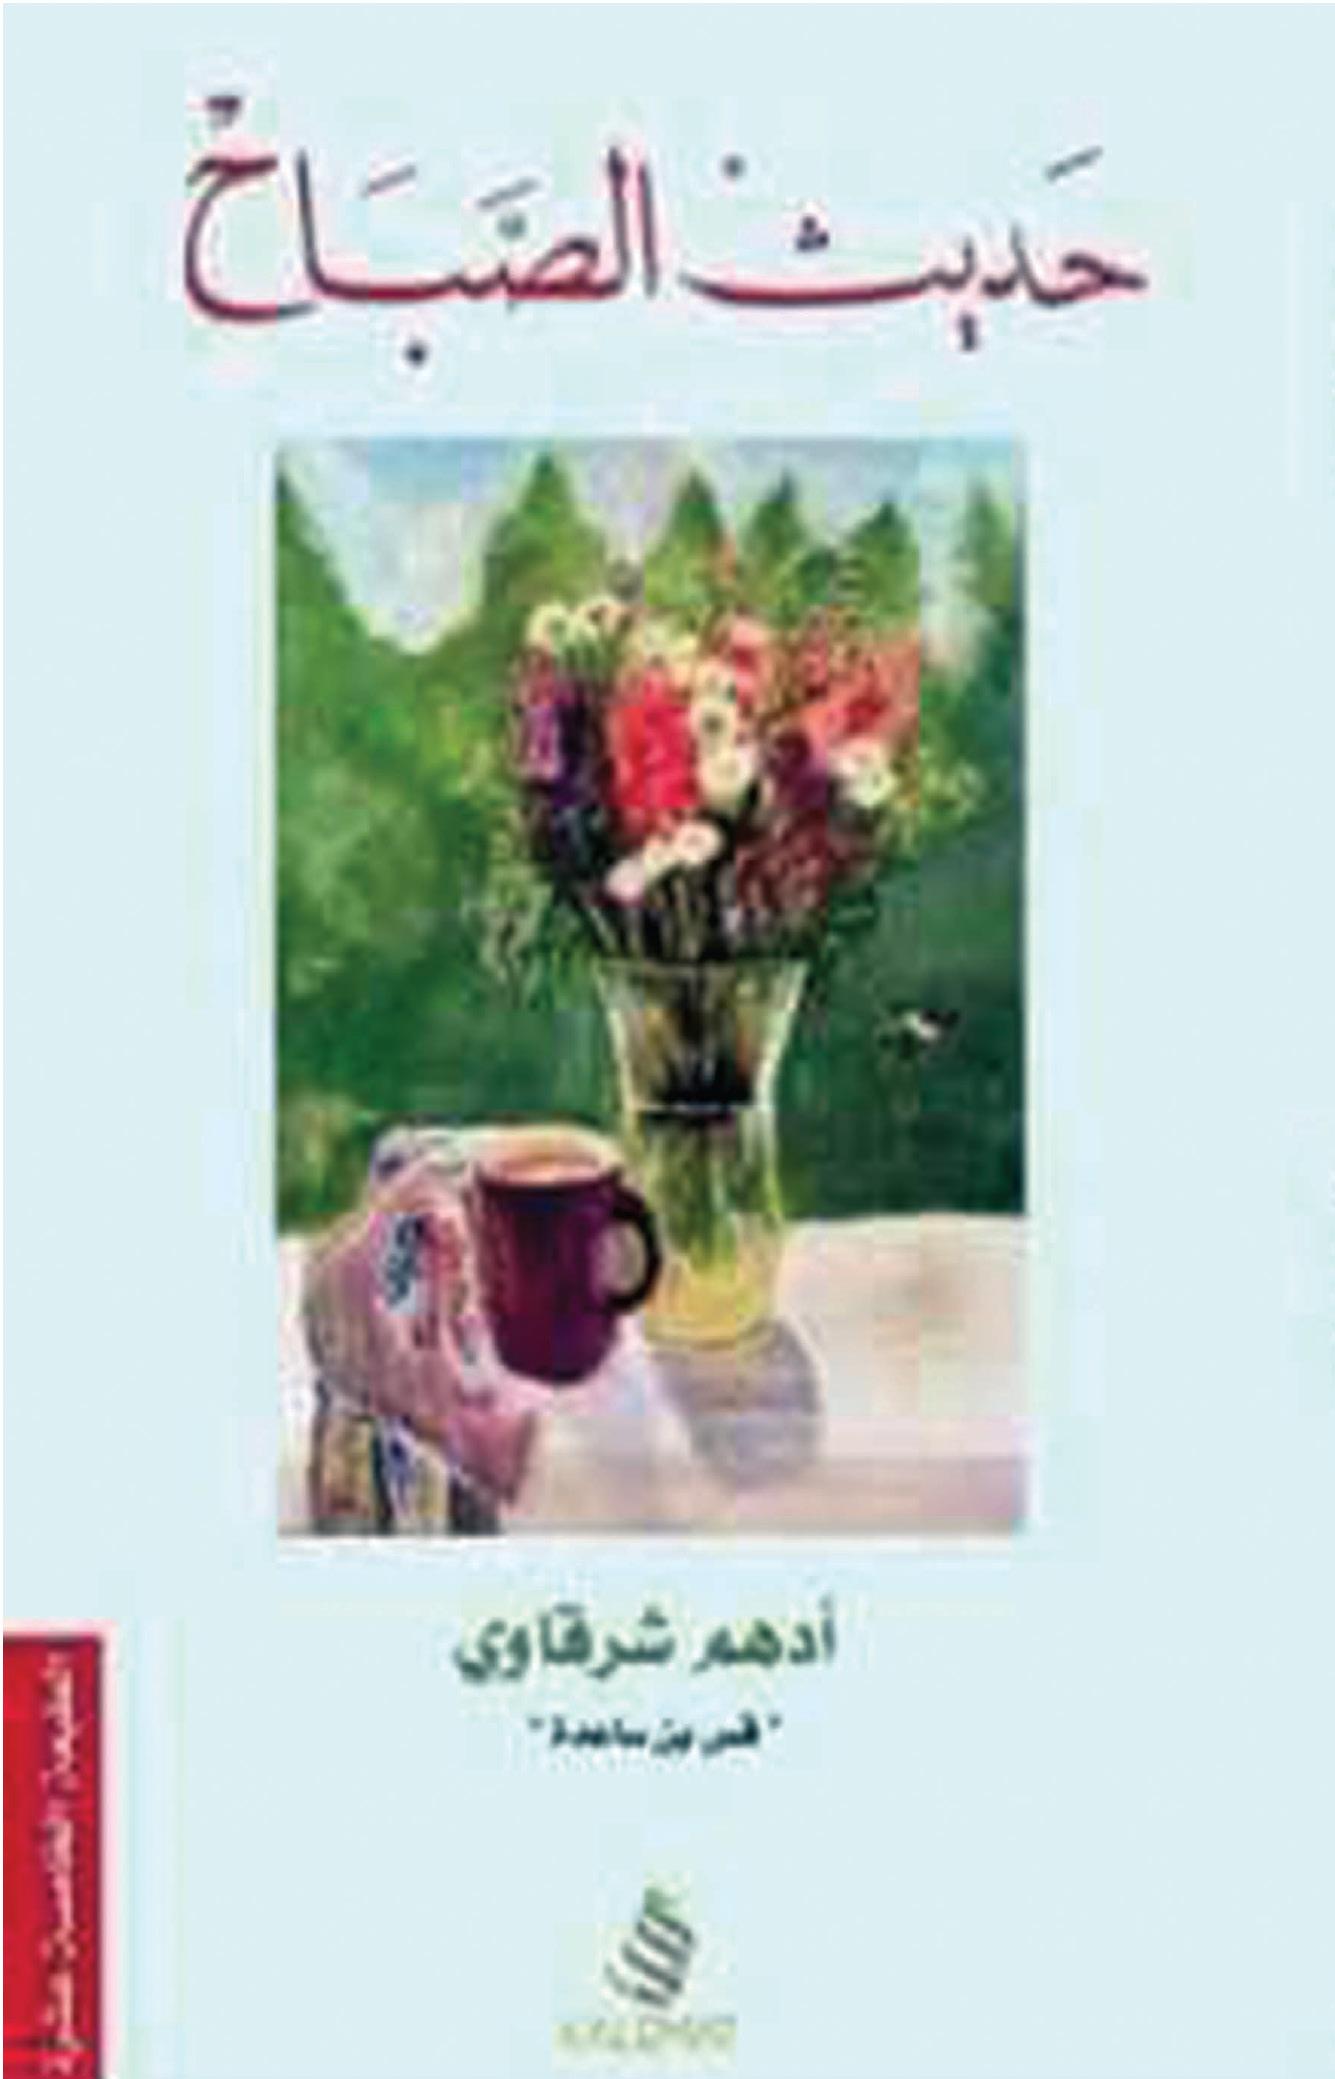 بالصور حديث الصباح , الكتاب الجميل لادهم الشرقاوي 2945